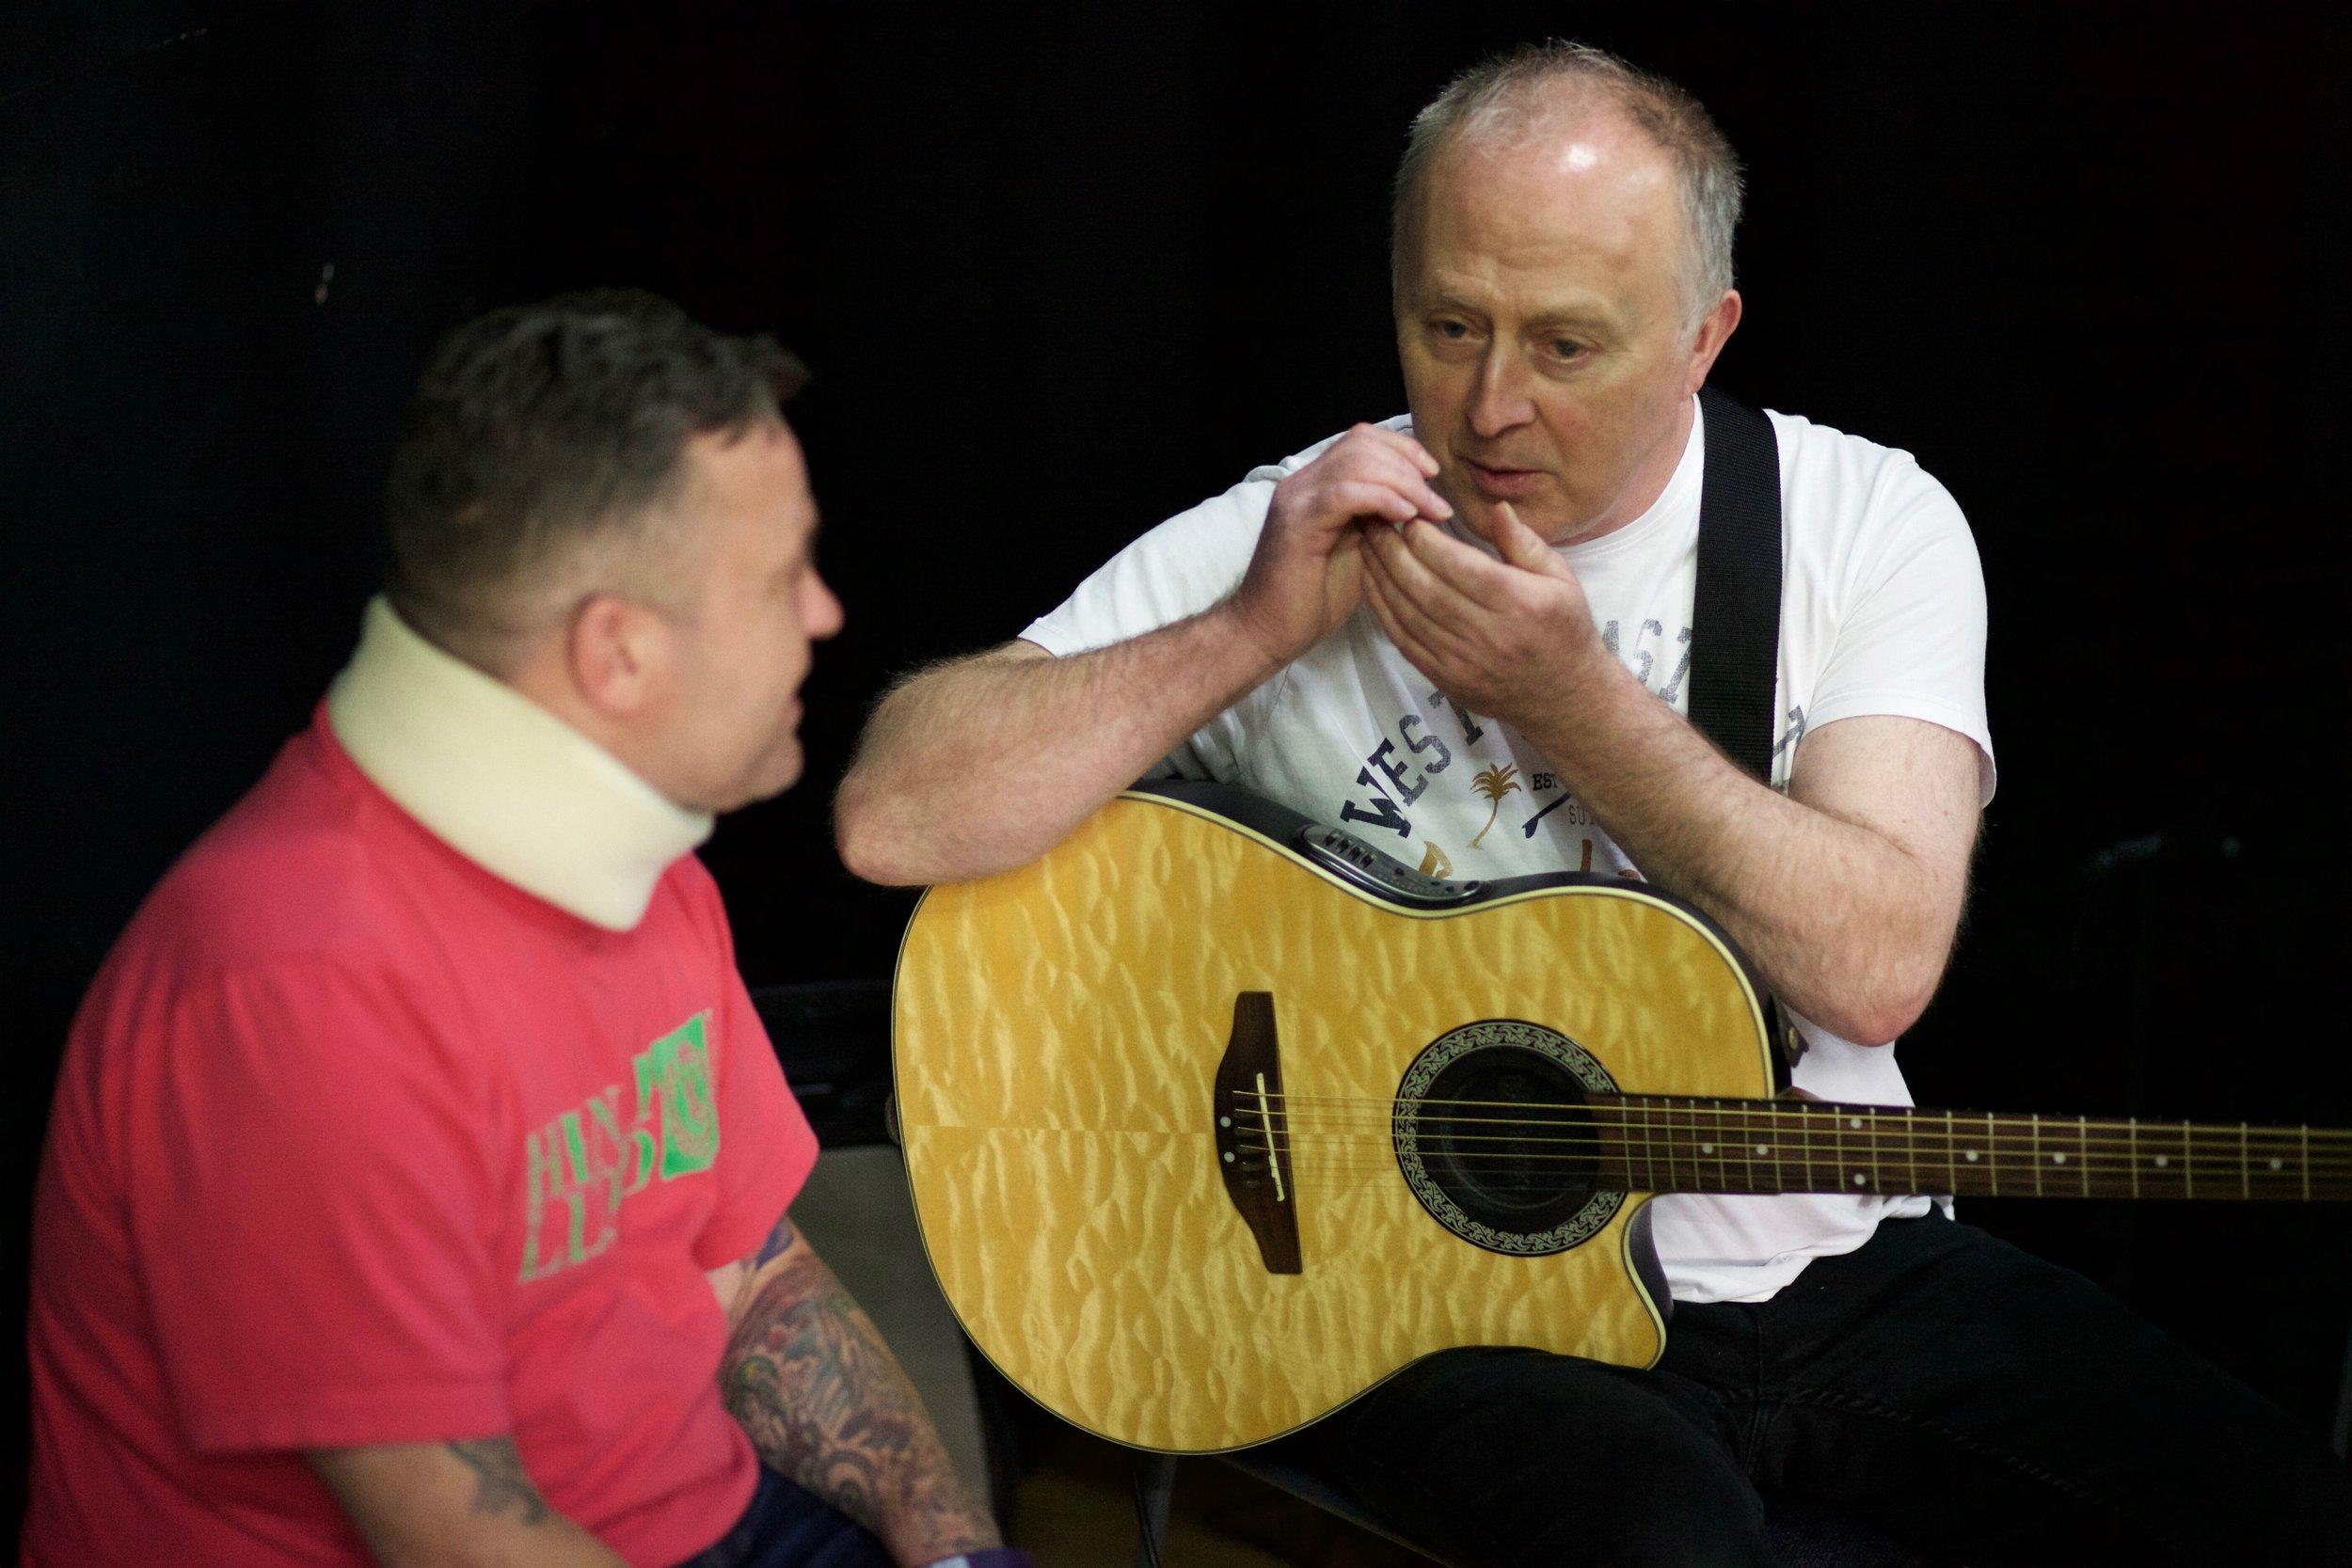 Rehearsal Neil and Darren.jpg